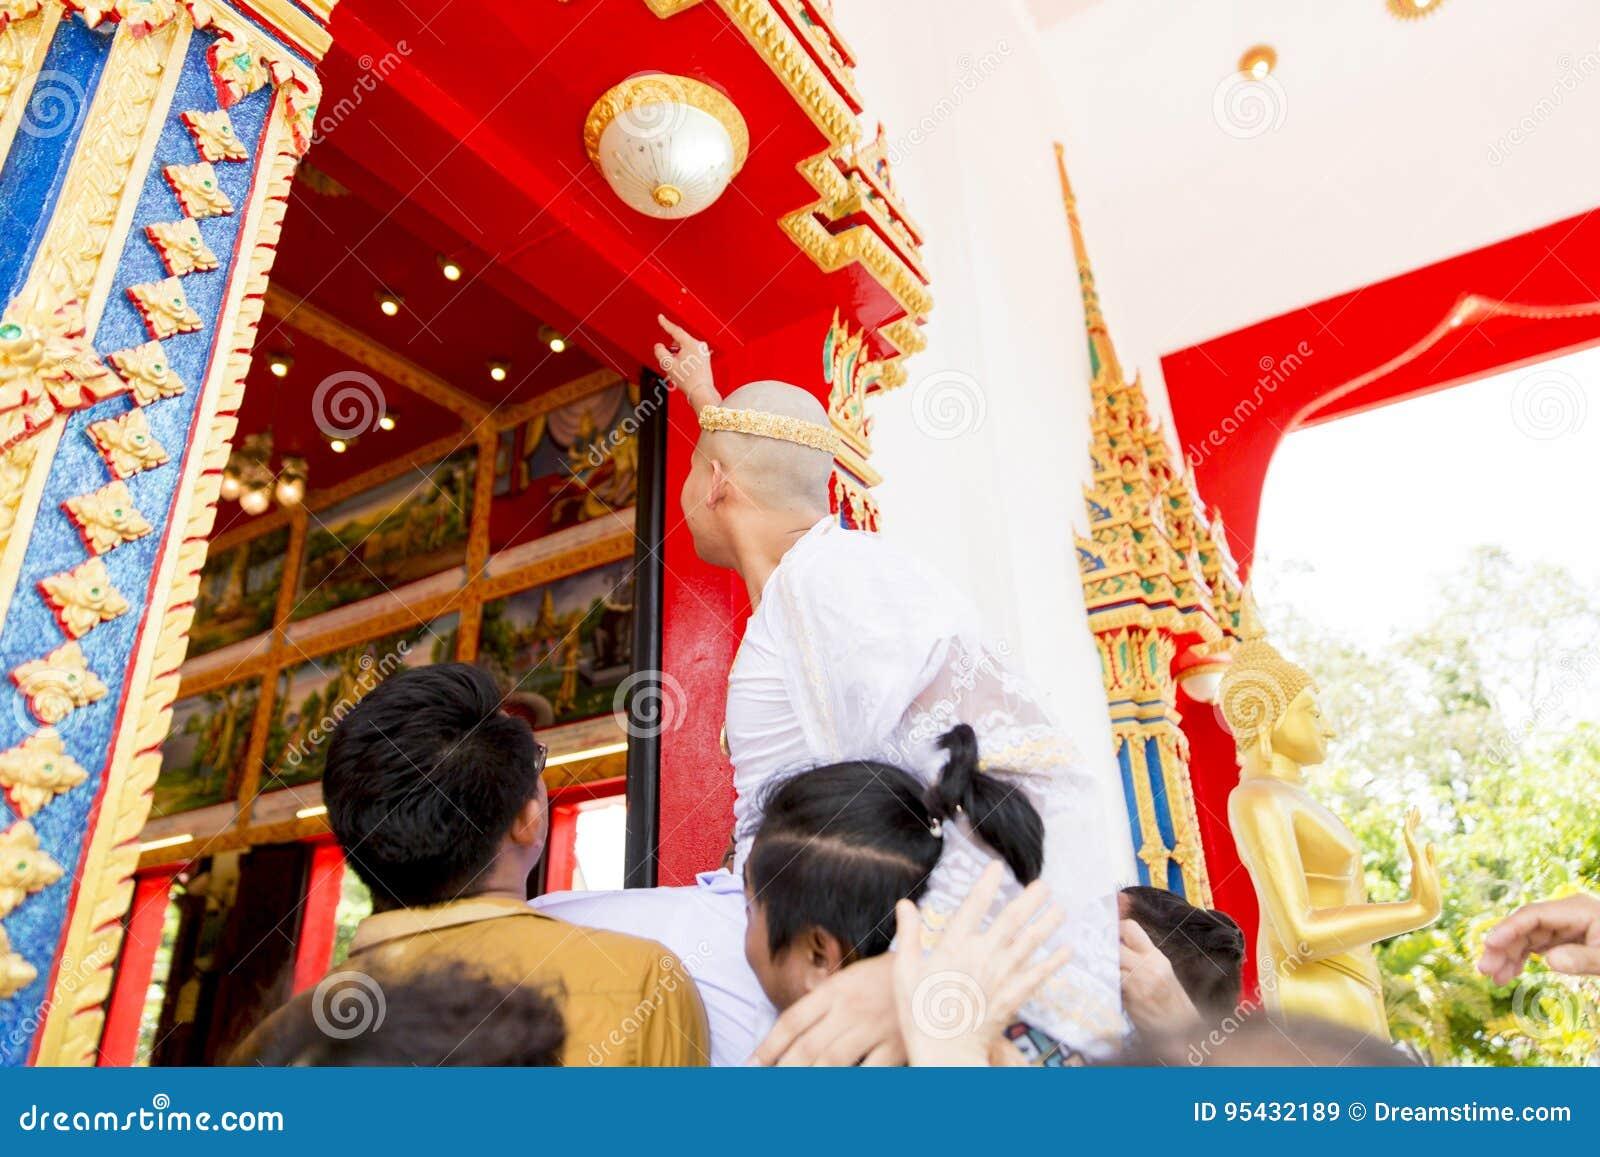 Nuevo monje ordenado que ruega con una procesión tailandesa del monje budista cuando varón durante 20 años